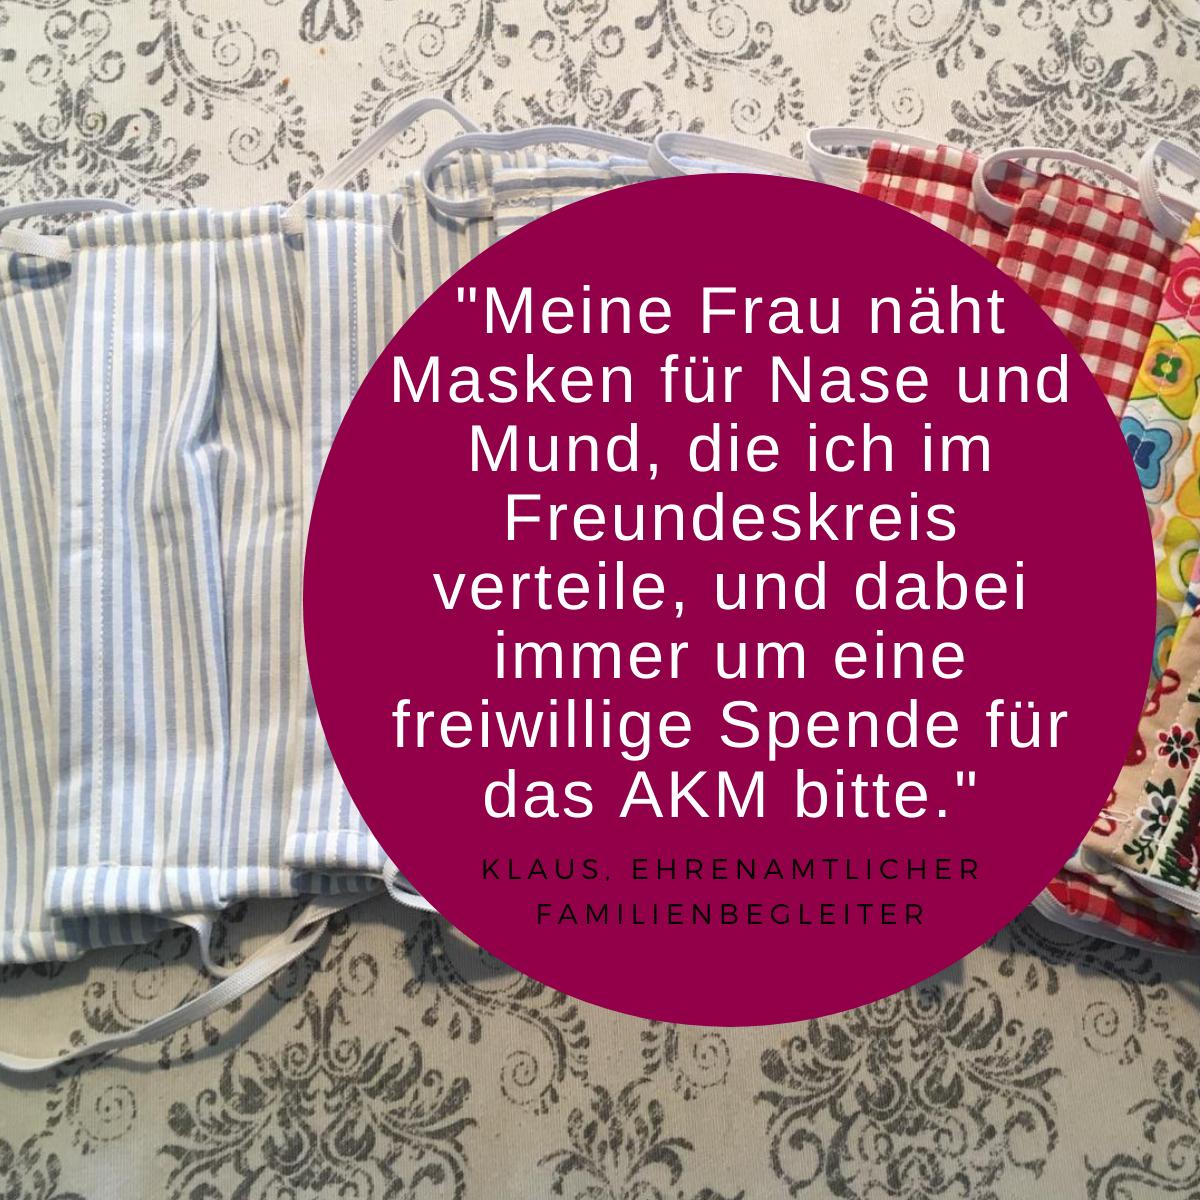 Zitat Ehrenamt und Bild Mundschutz